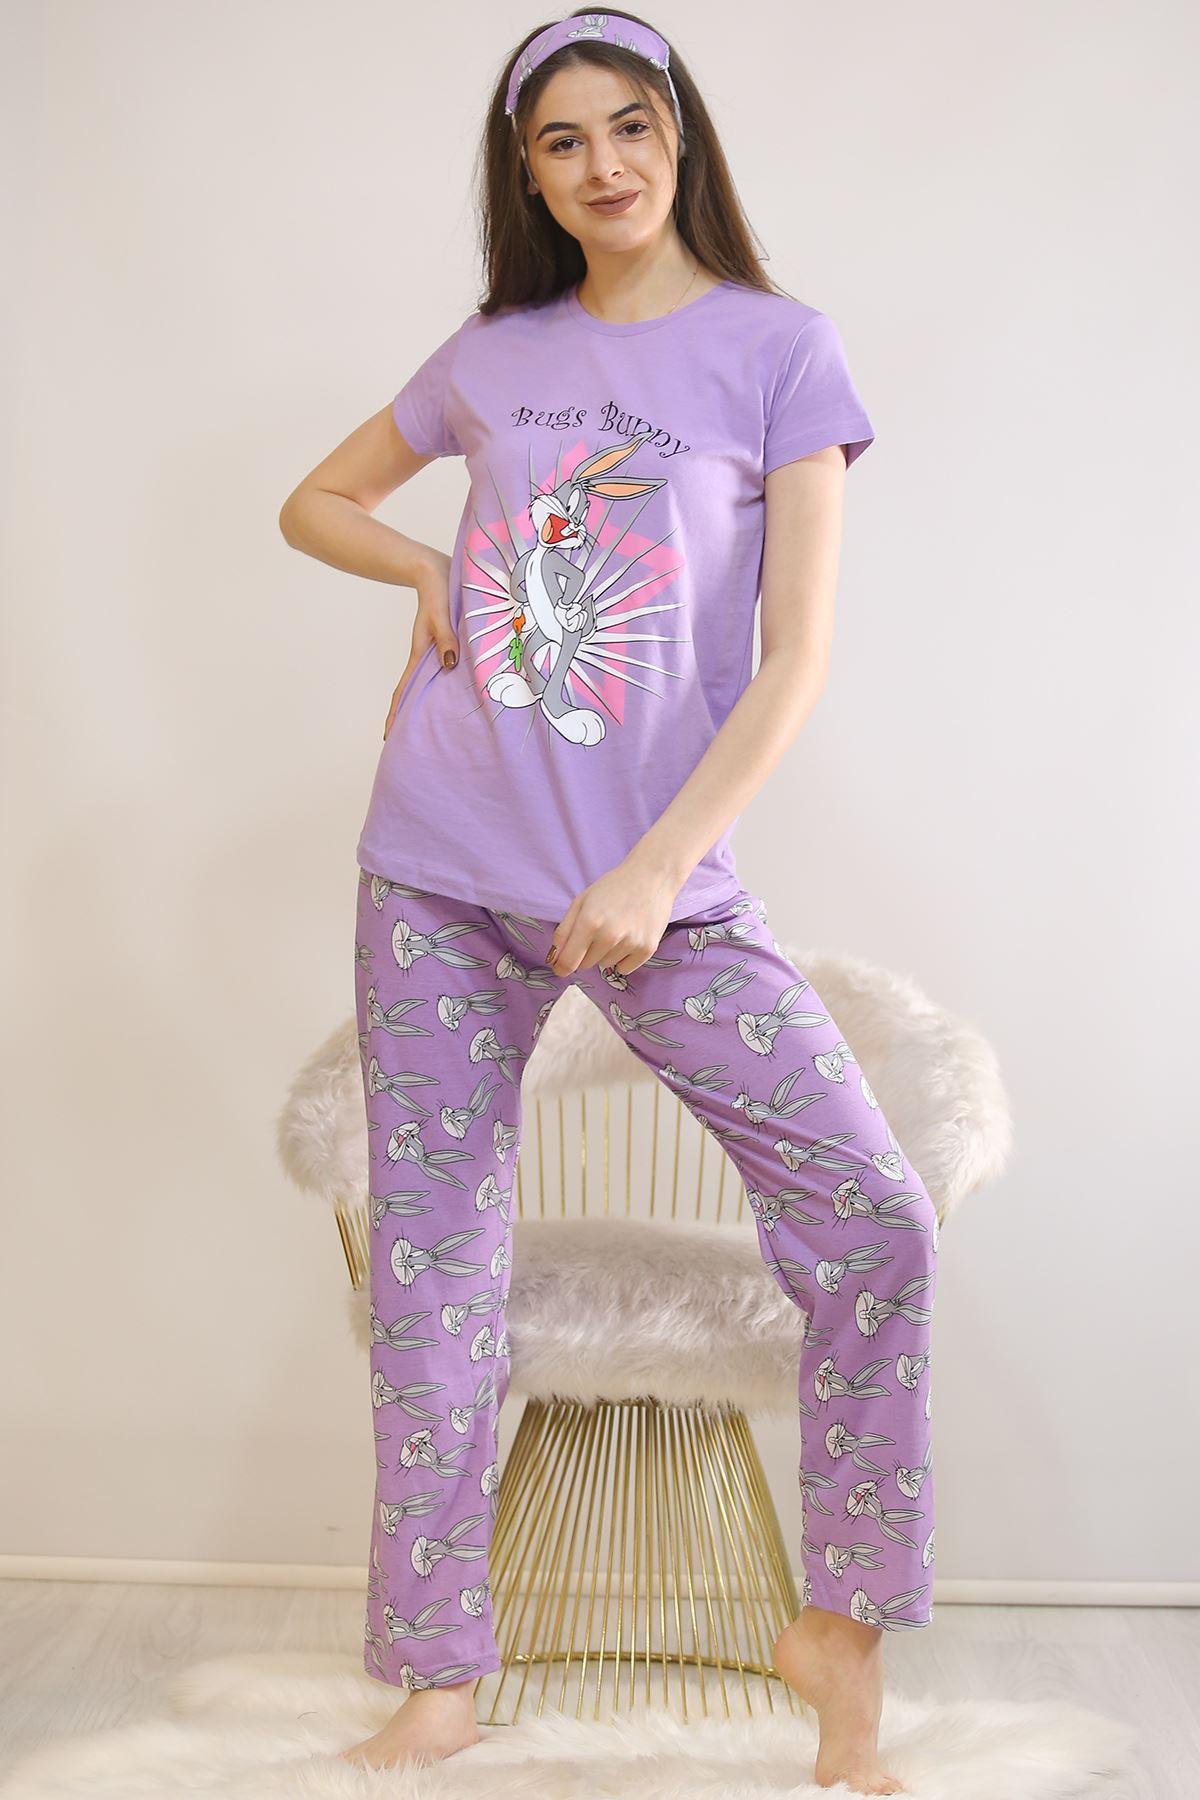 Baskılı Pijama Takımı Lila - 21879.1059.